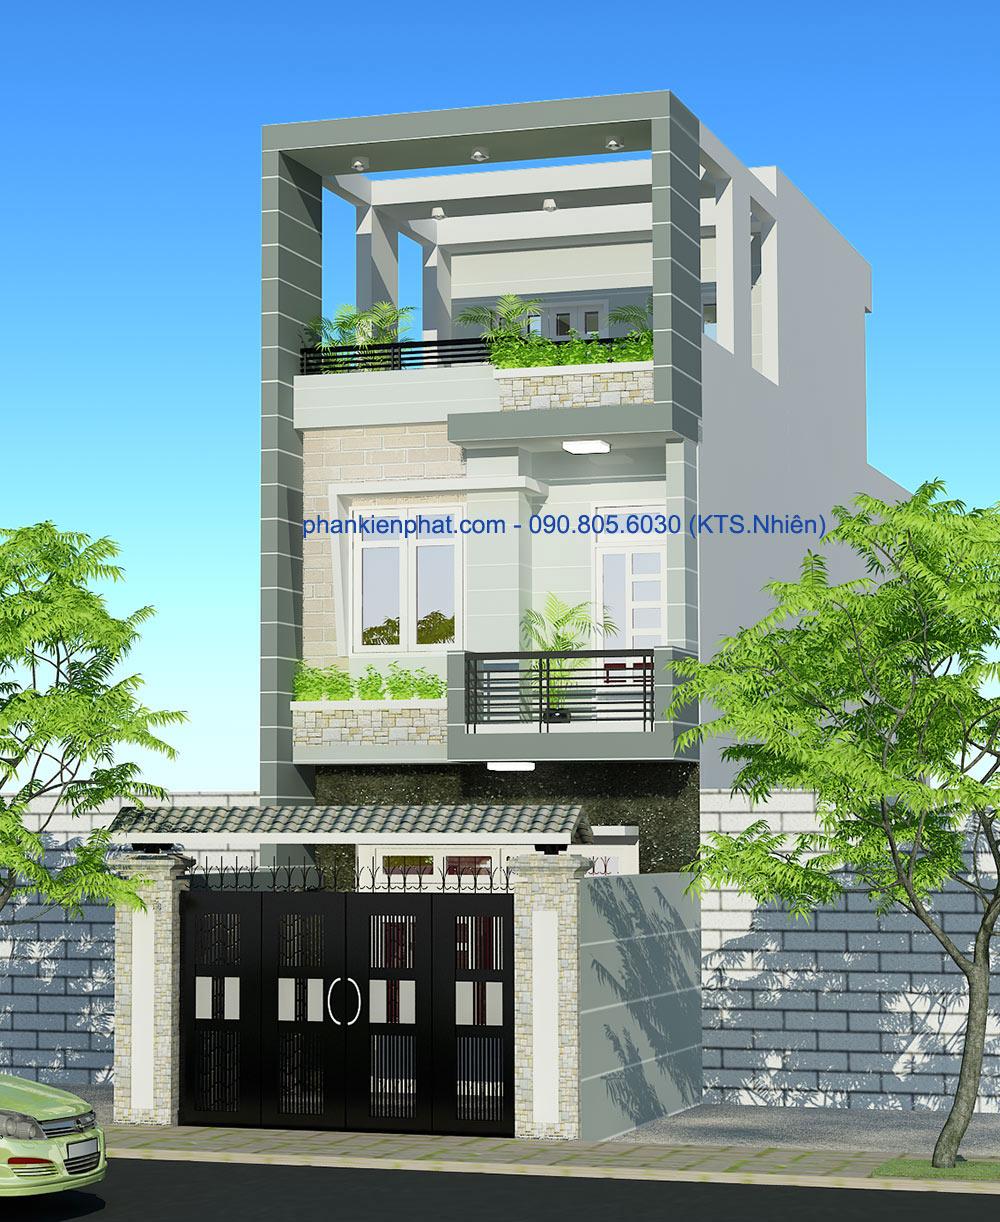 Công trình, Thiết kế xây dựng nhà phố, Chị Thu Hiền